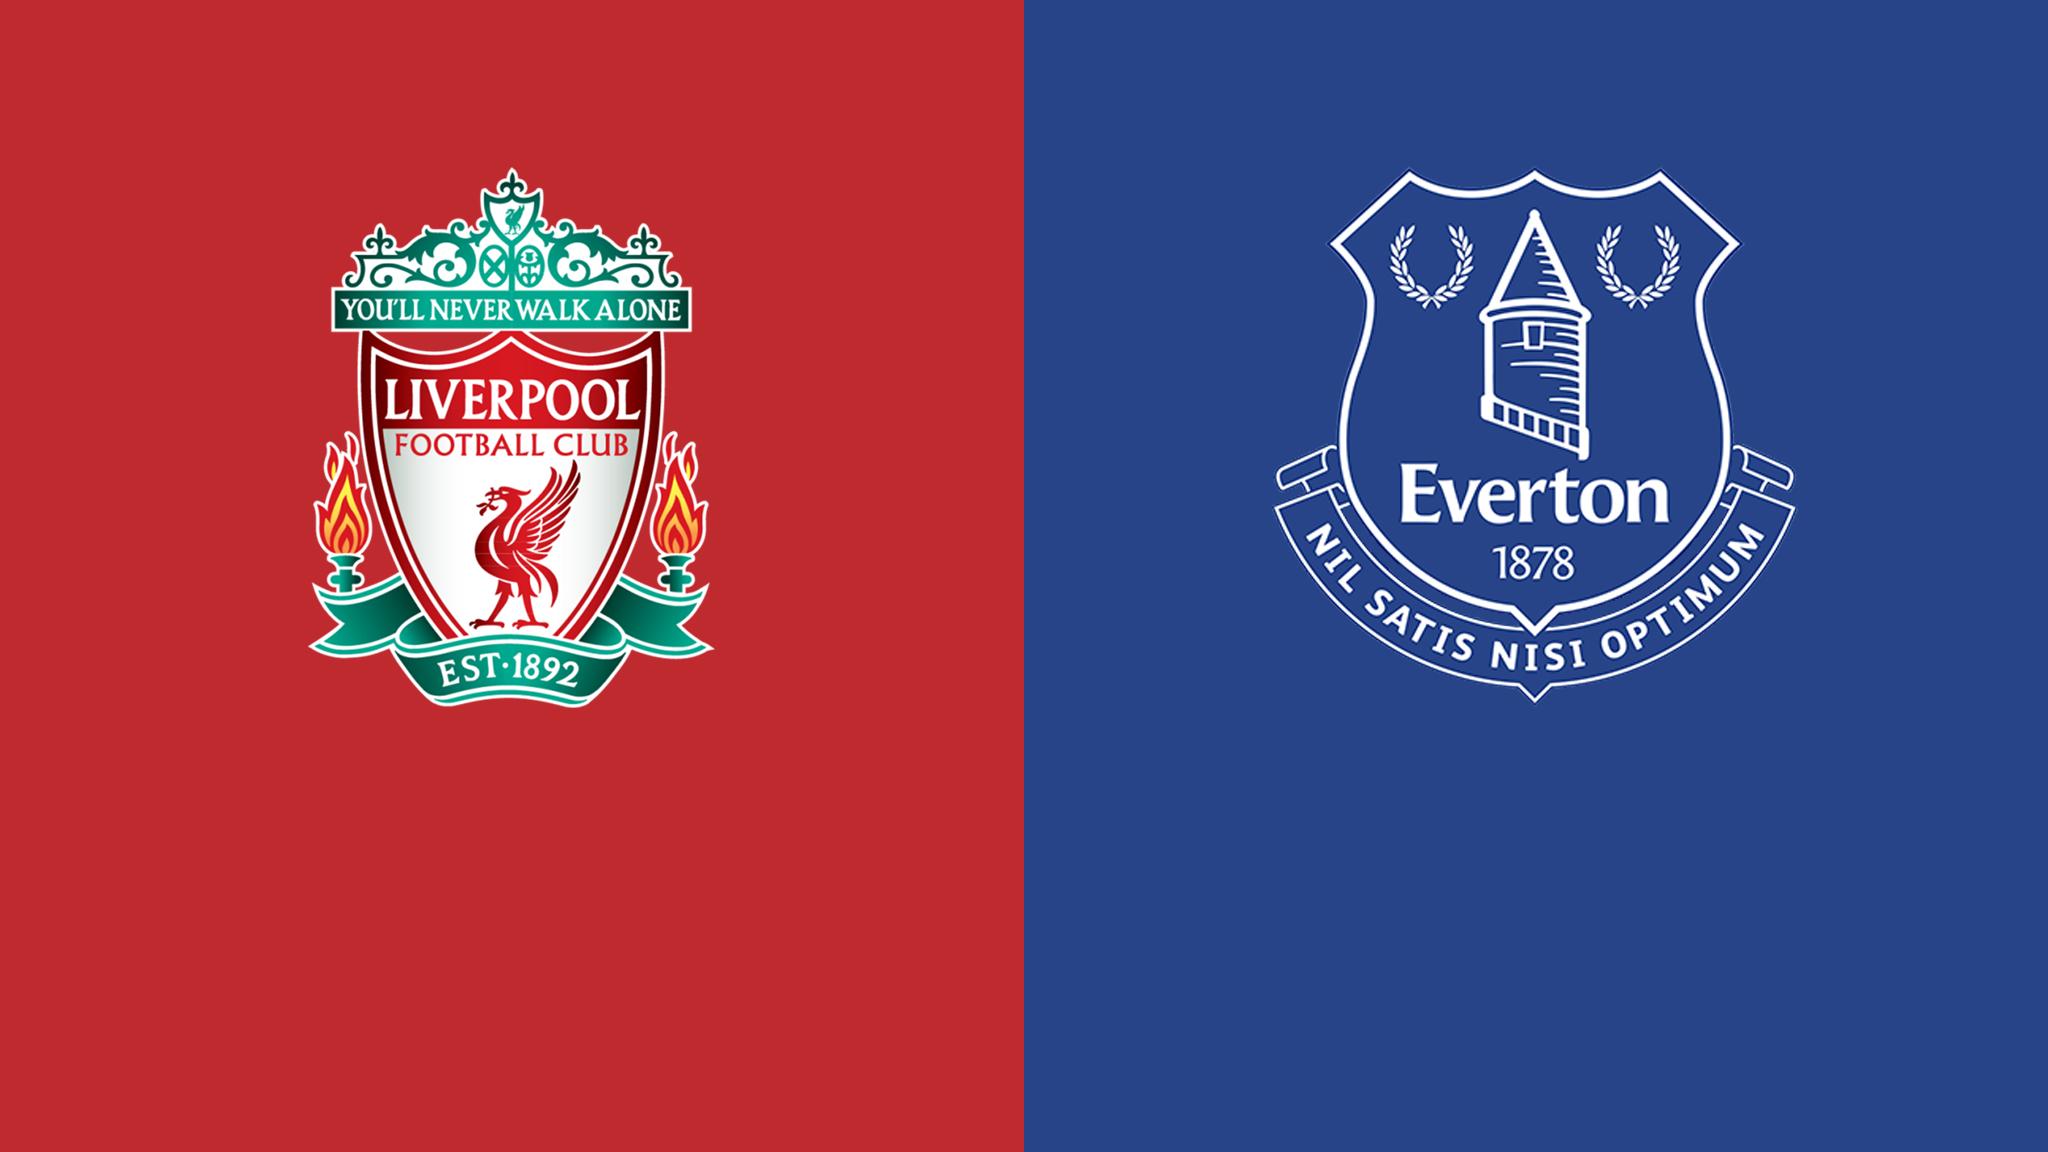 معلق مباراة ليفربول القادمة ضد ايفرتون في ديربي الميرسيسايد والقنوات الناقلة